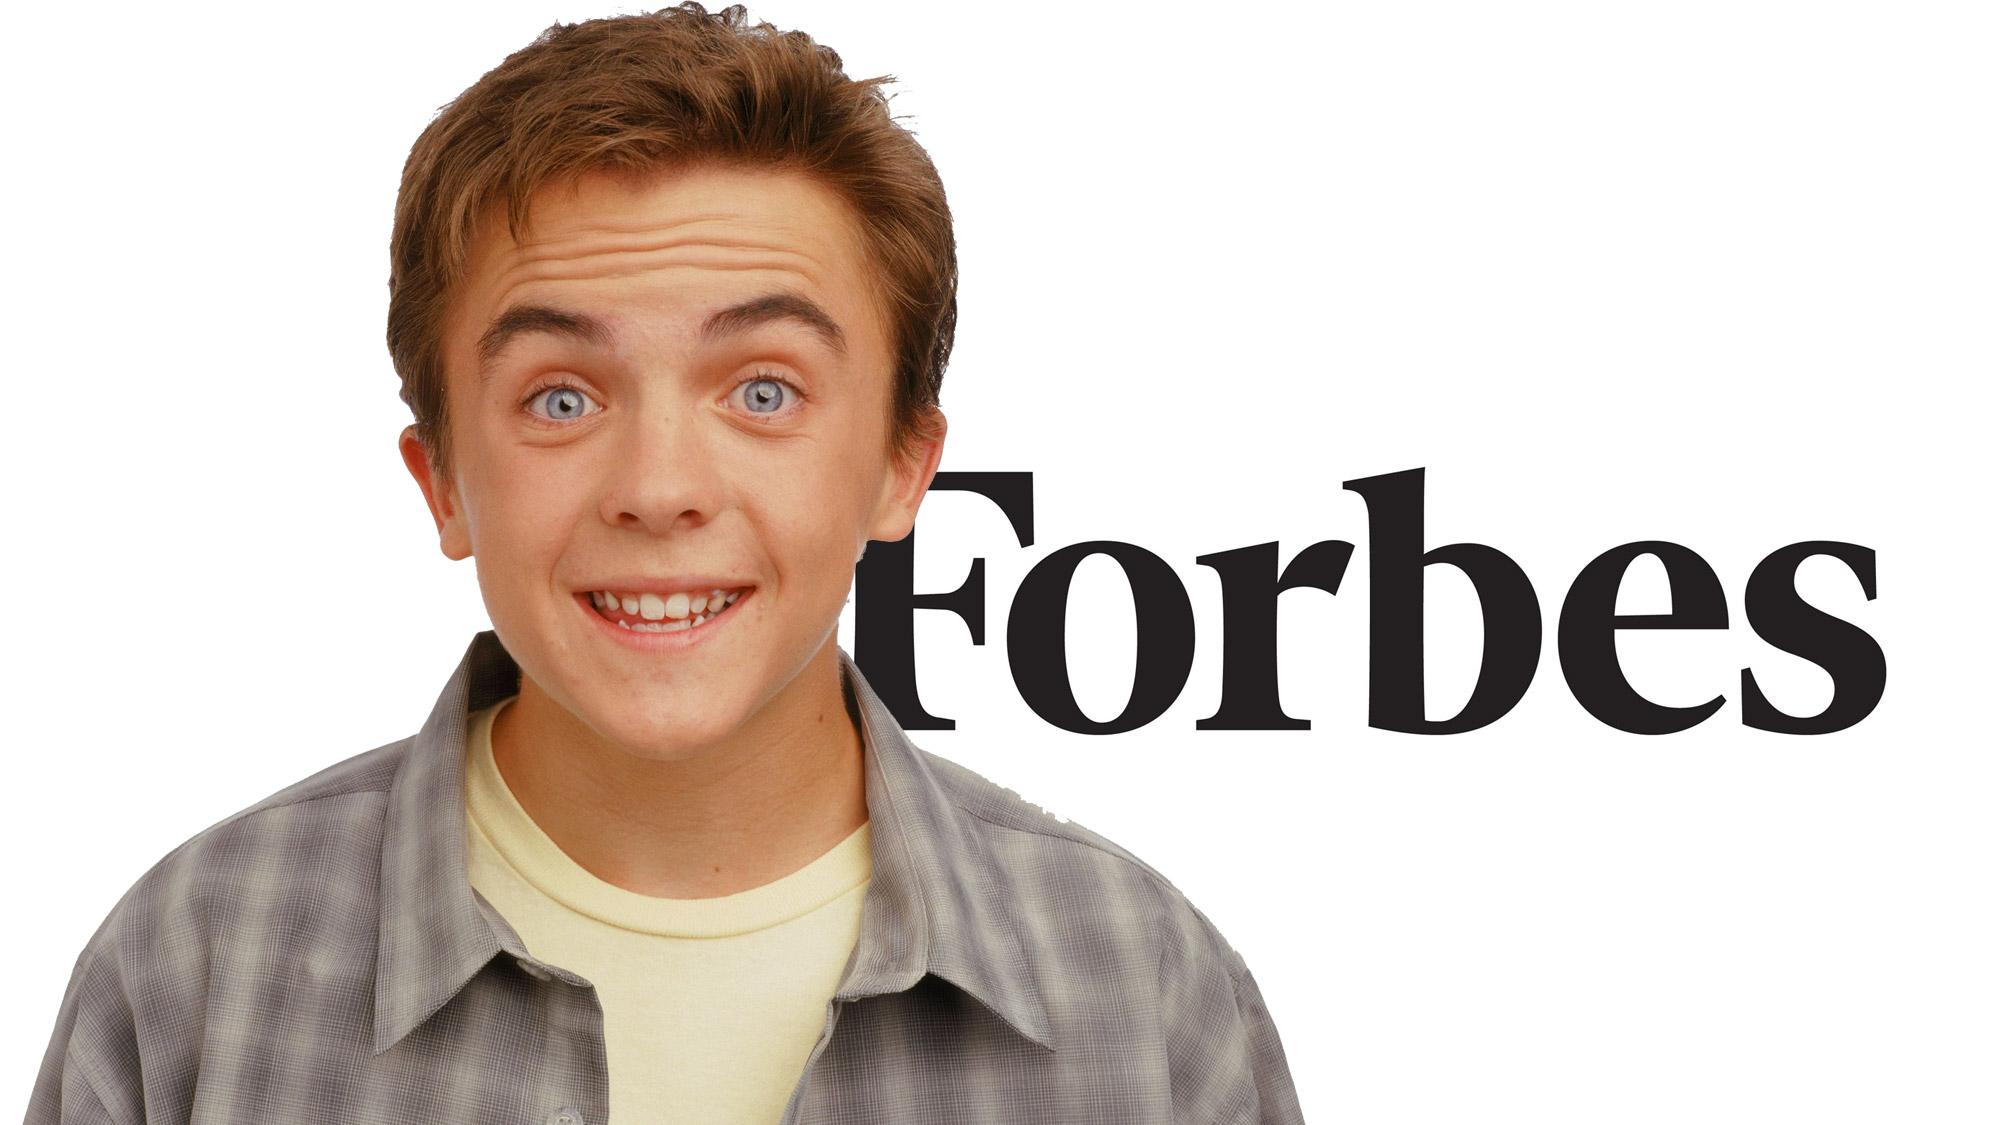 Le classement Forbes de 2005 place Frankie Muniz en 96e position.